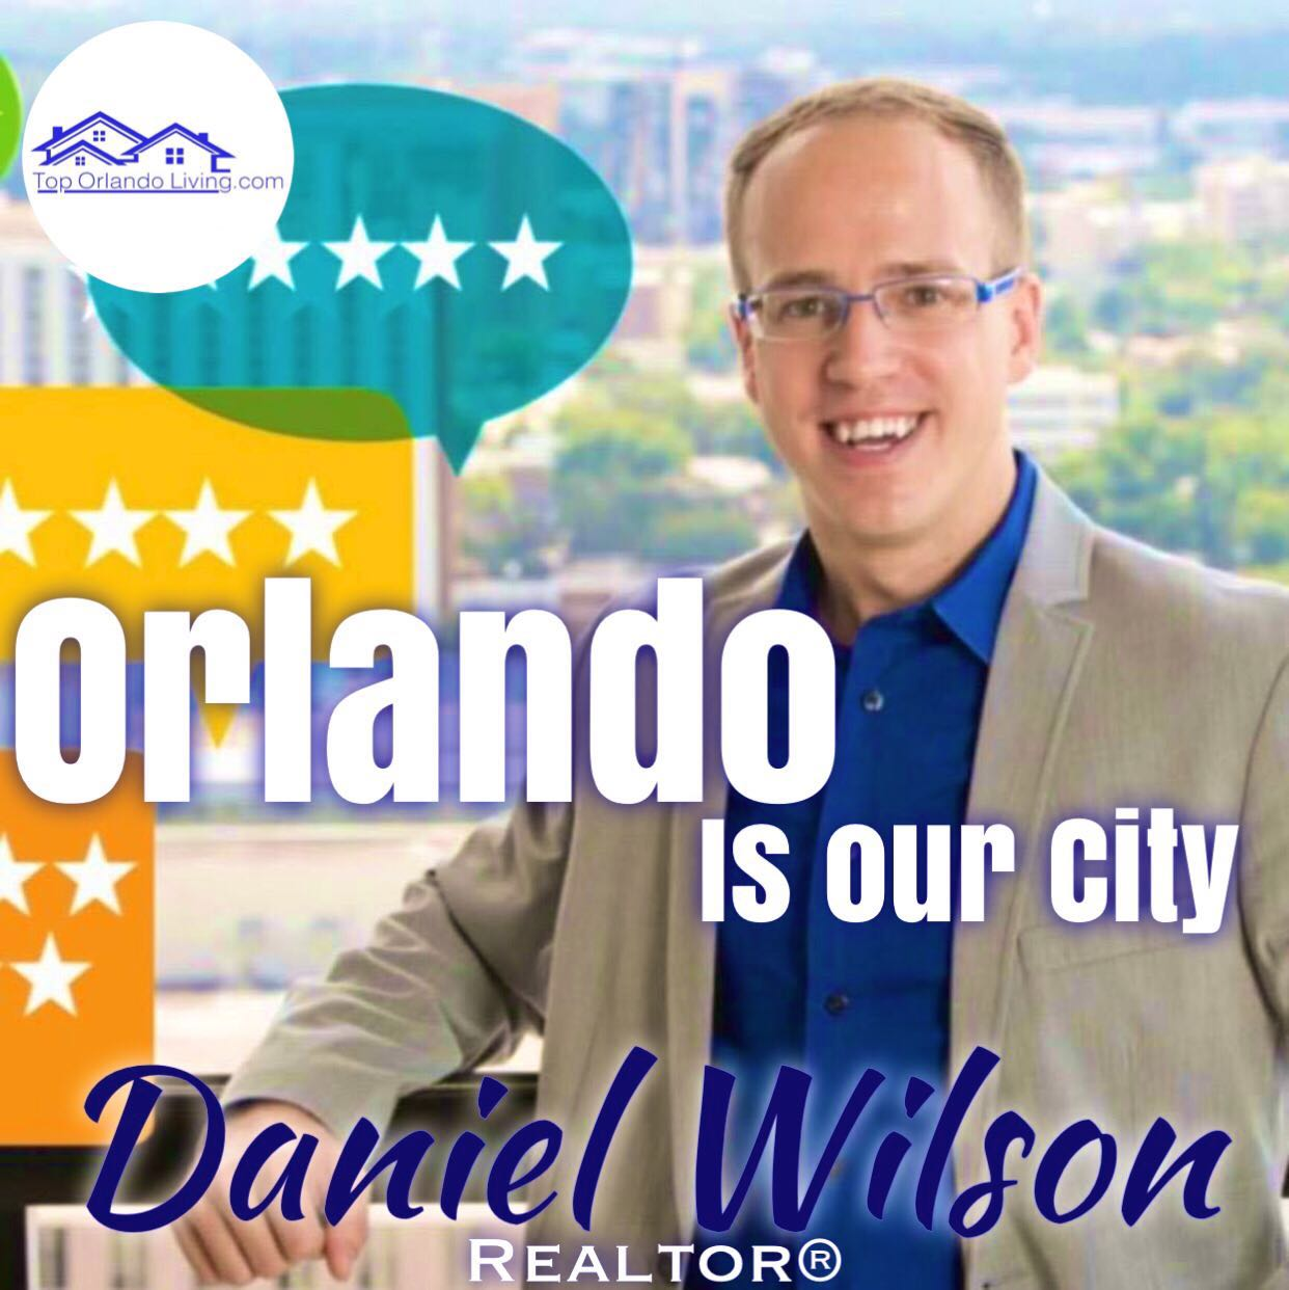 Daniel WilsonMarketing